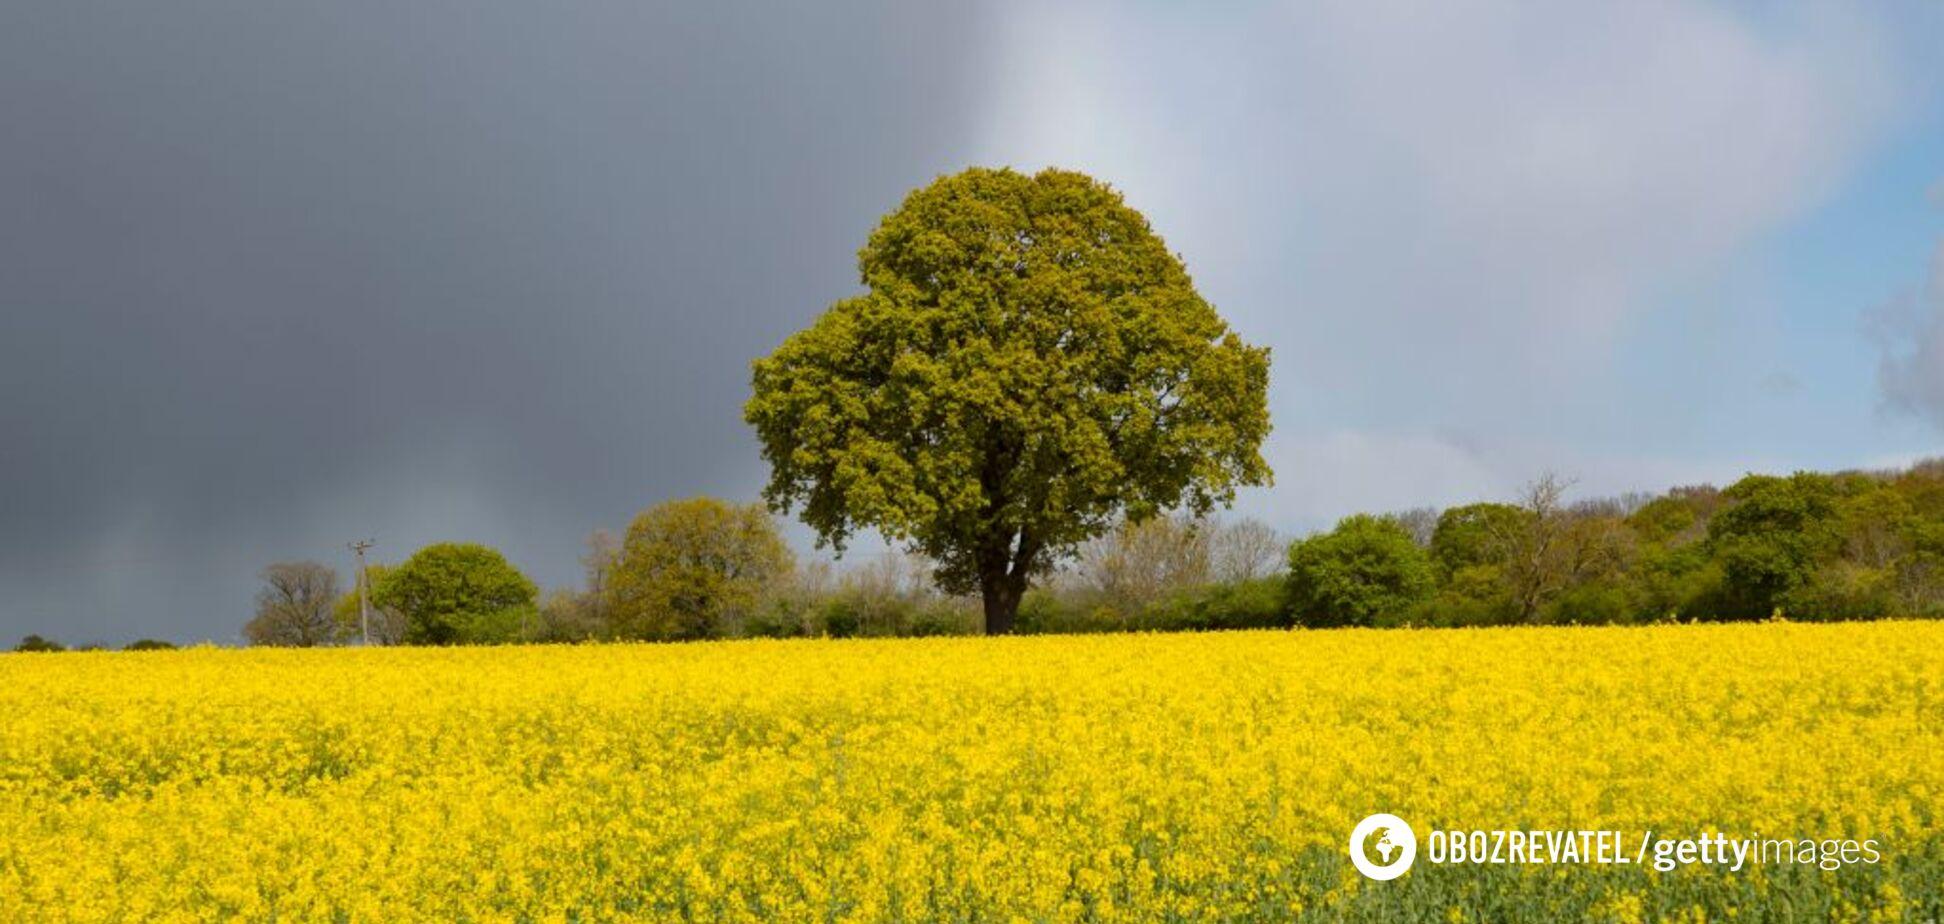 Украину накроет аномальная жара и дожди до конца июня: климатолог дала прогноз